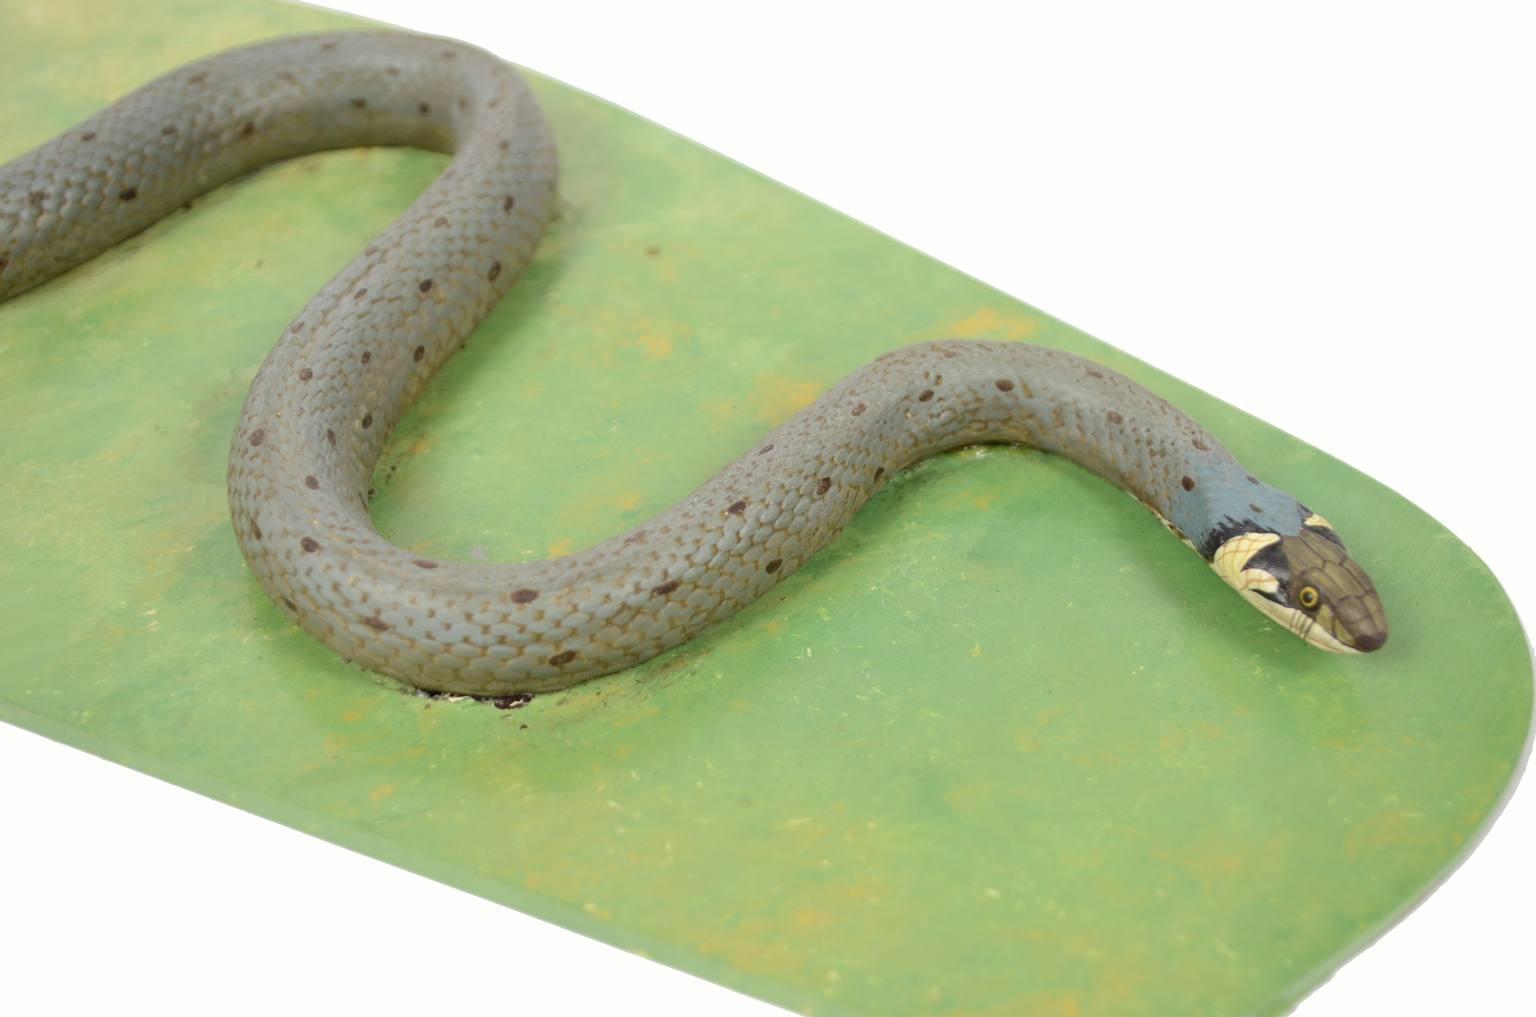 Storia naturale/5996-Modello del serpente